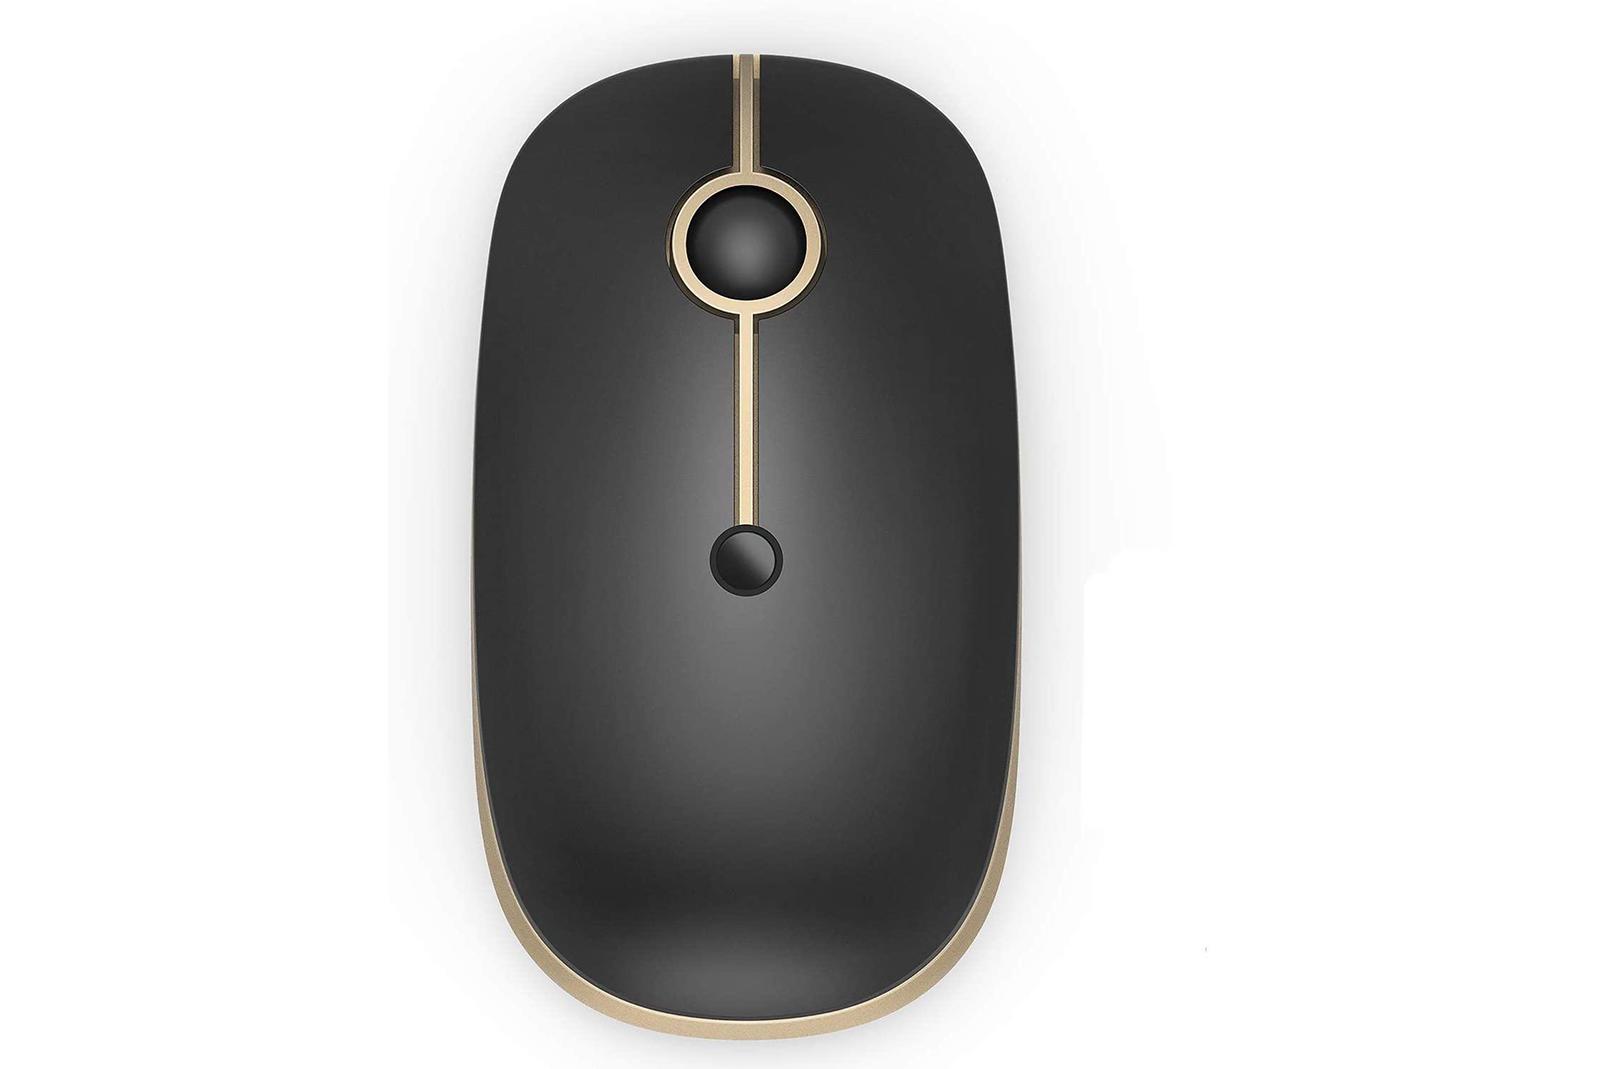 best-wireless-mouse-1.jpg